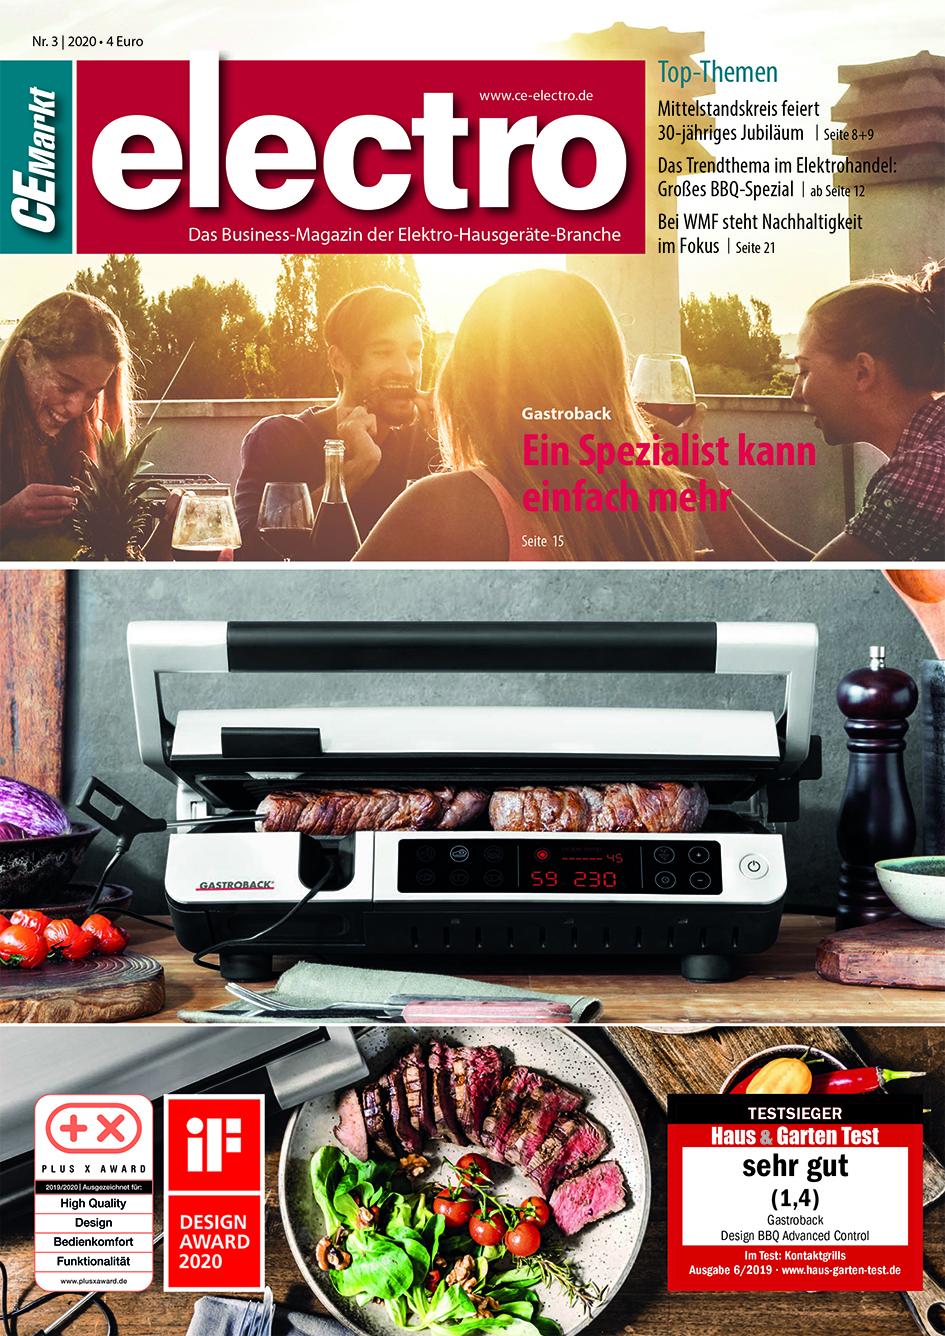 CE-Markt electro Titelseite des Hefts 3/2020.